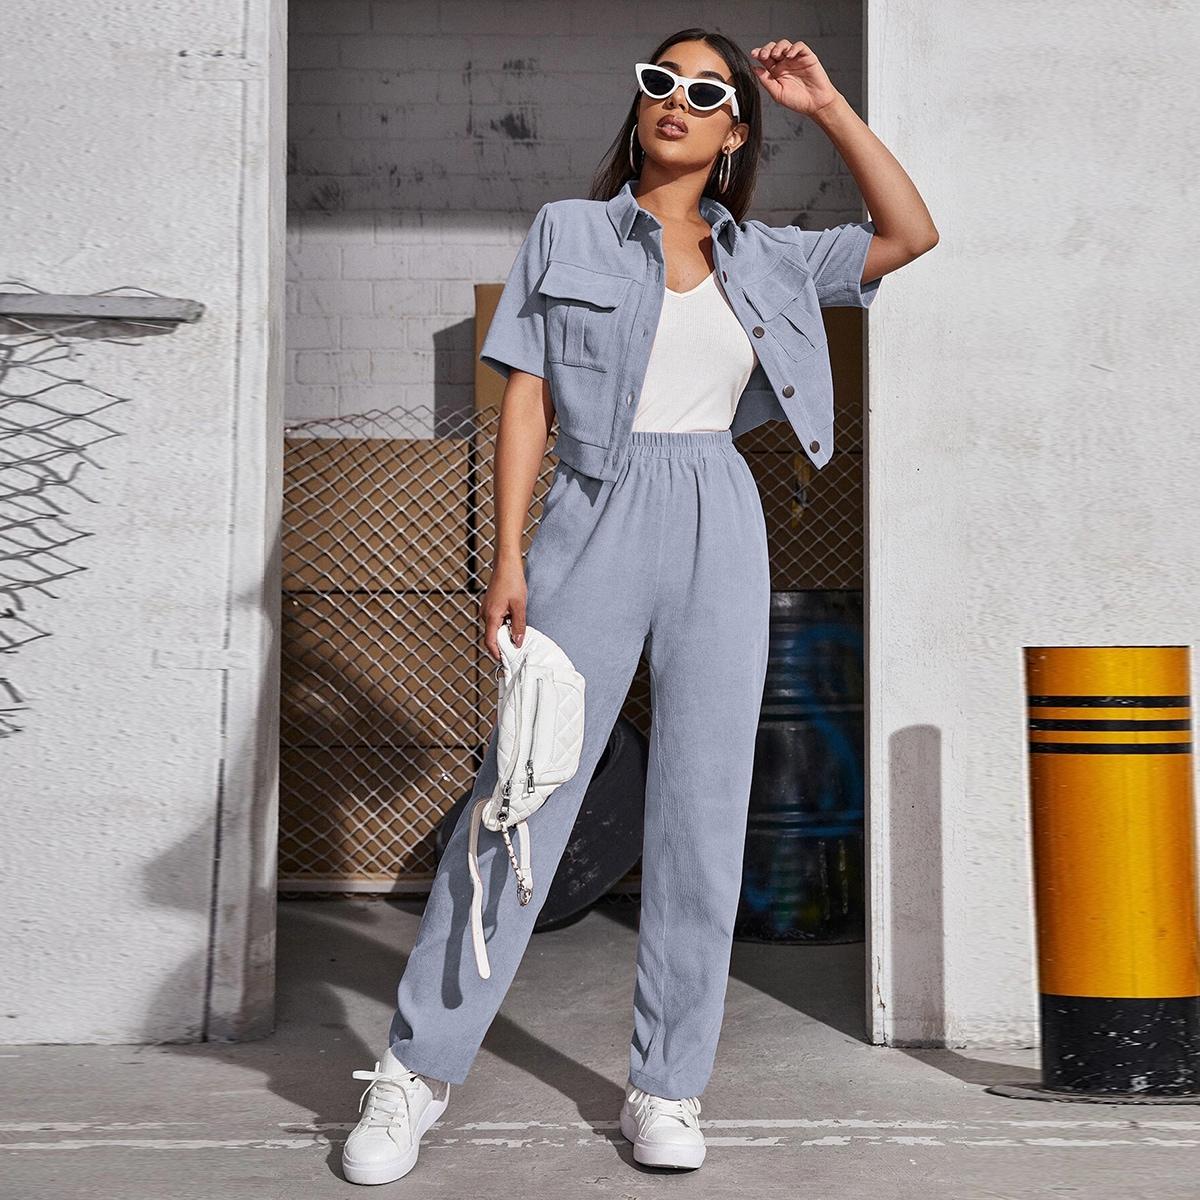 Вельветовая блузка с карманом и брюки SheIn swtwop25210331684